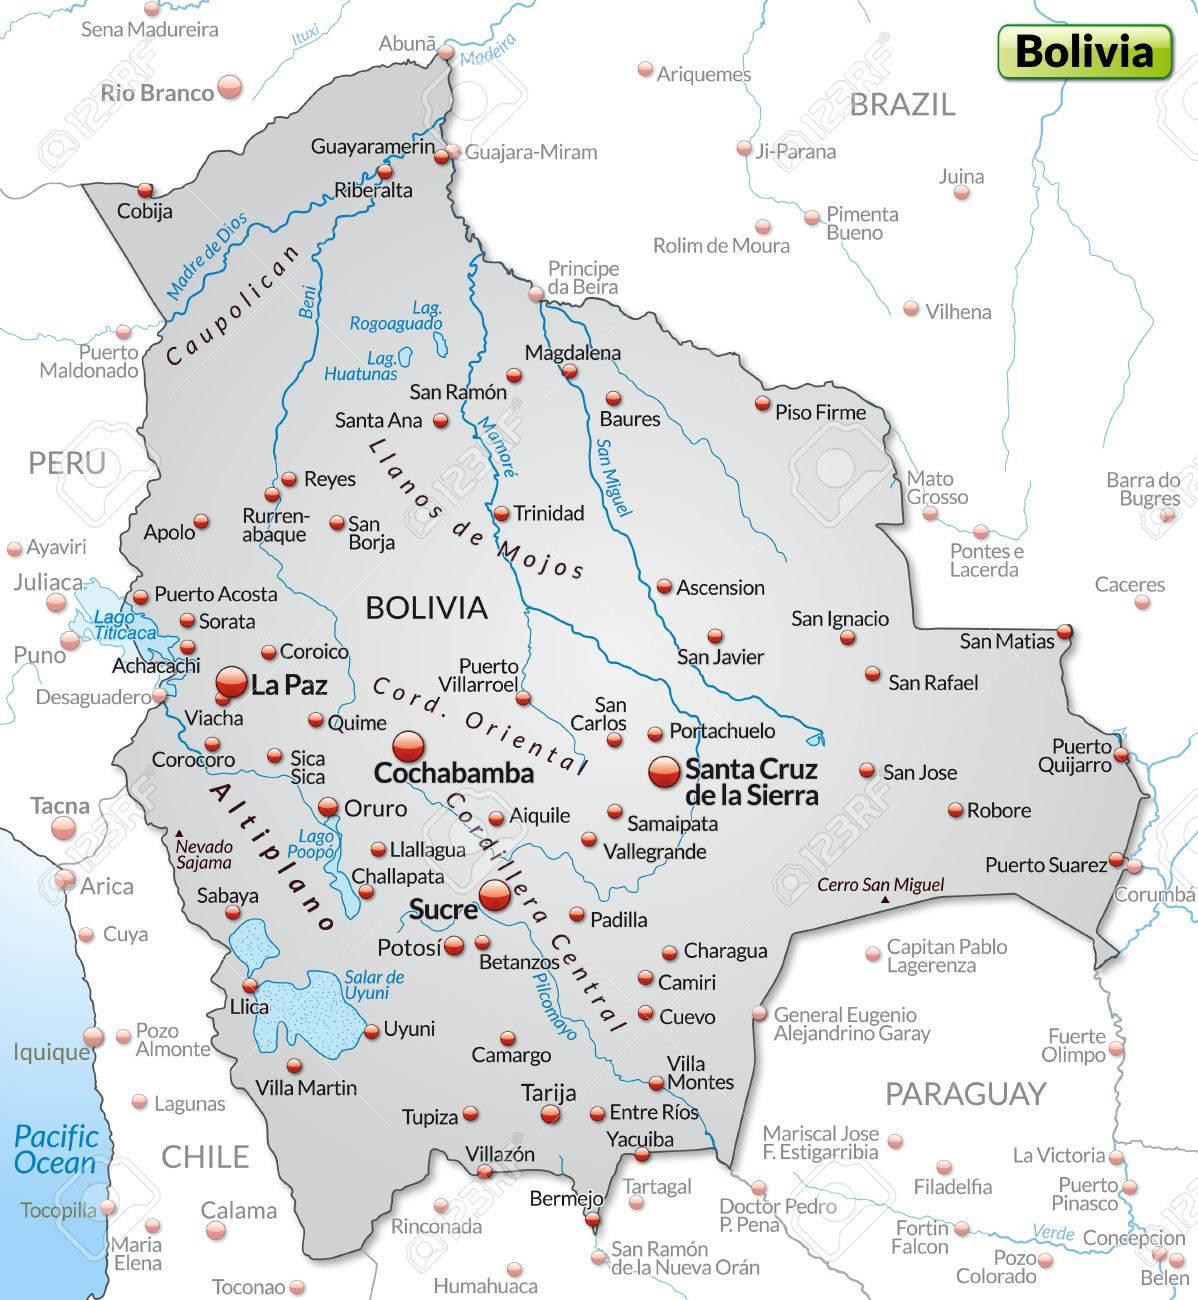 Karte Von Bolivien Als Ubersichtskarte In Grau Lizenzfrei Nutzbare